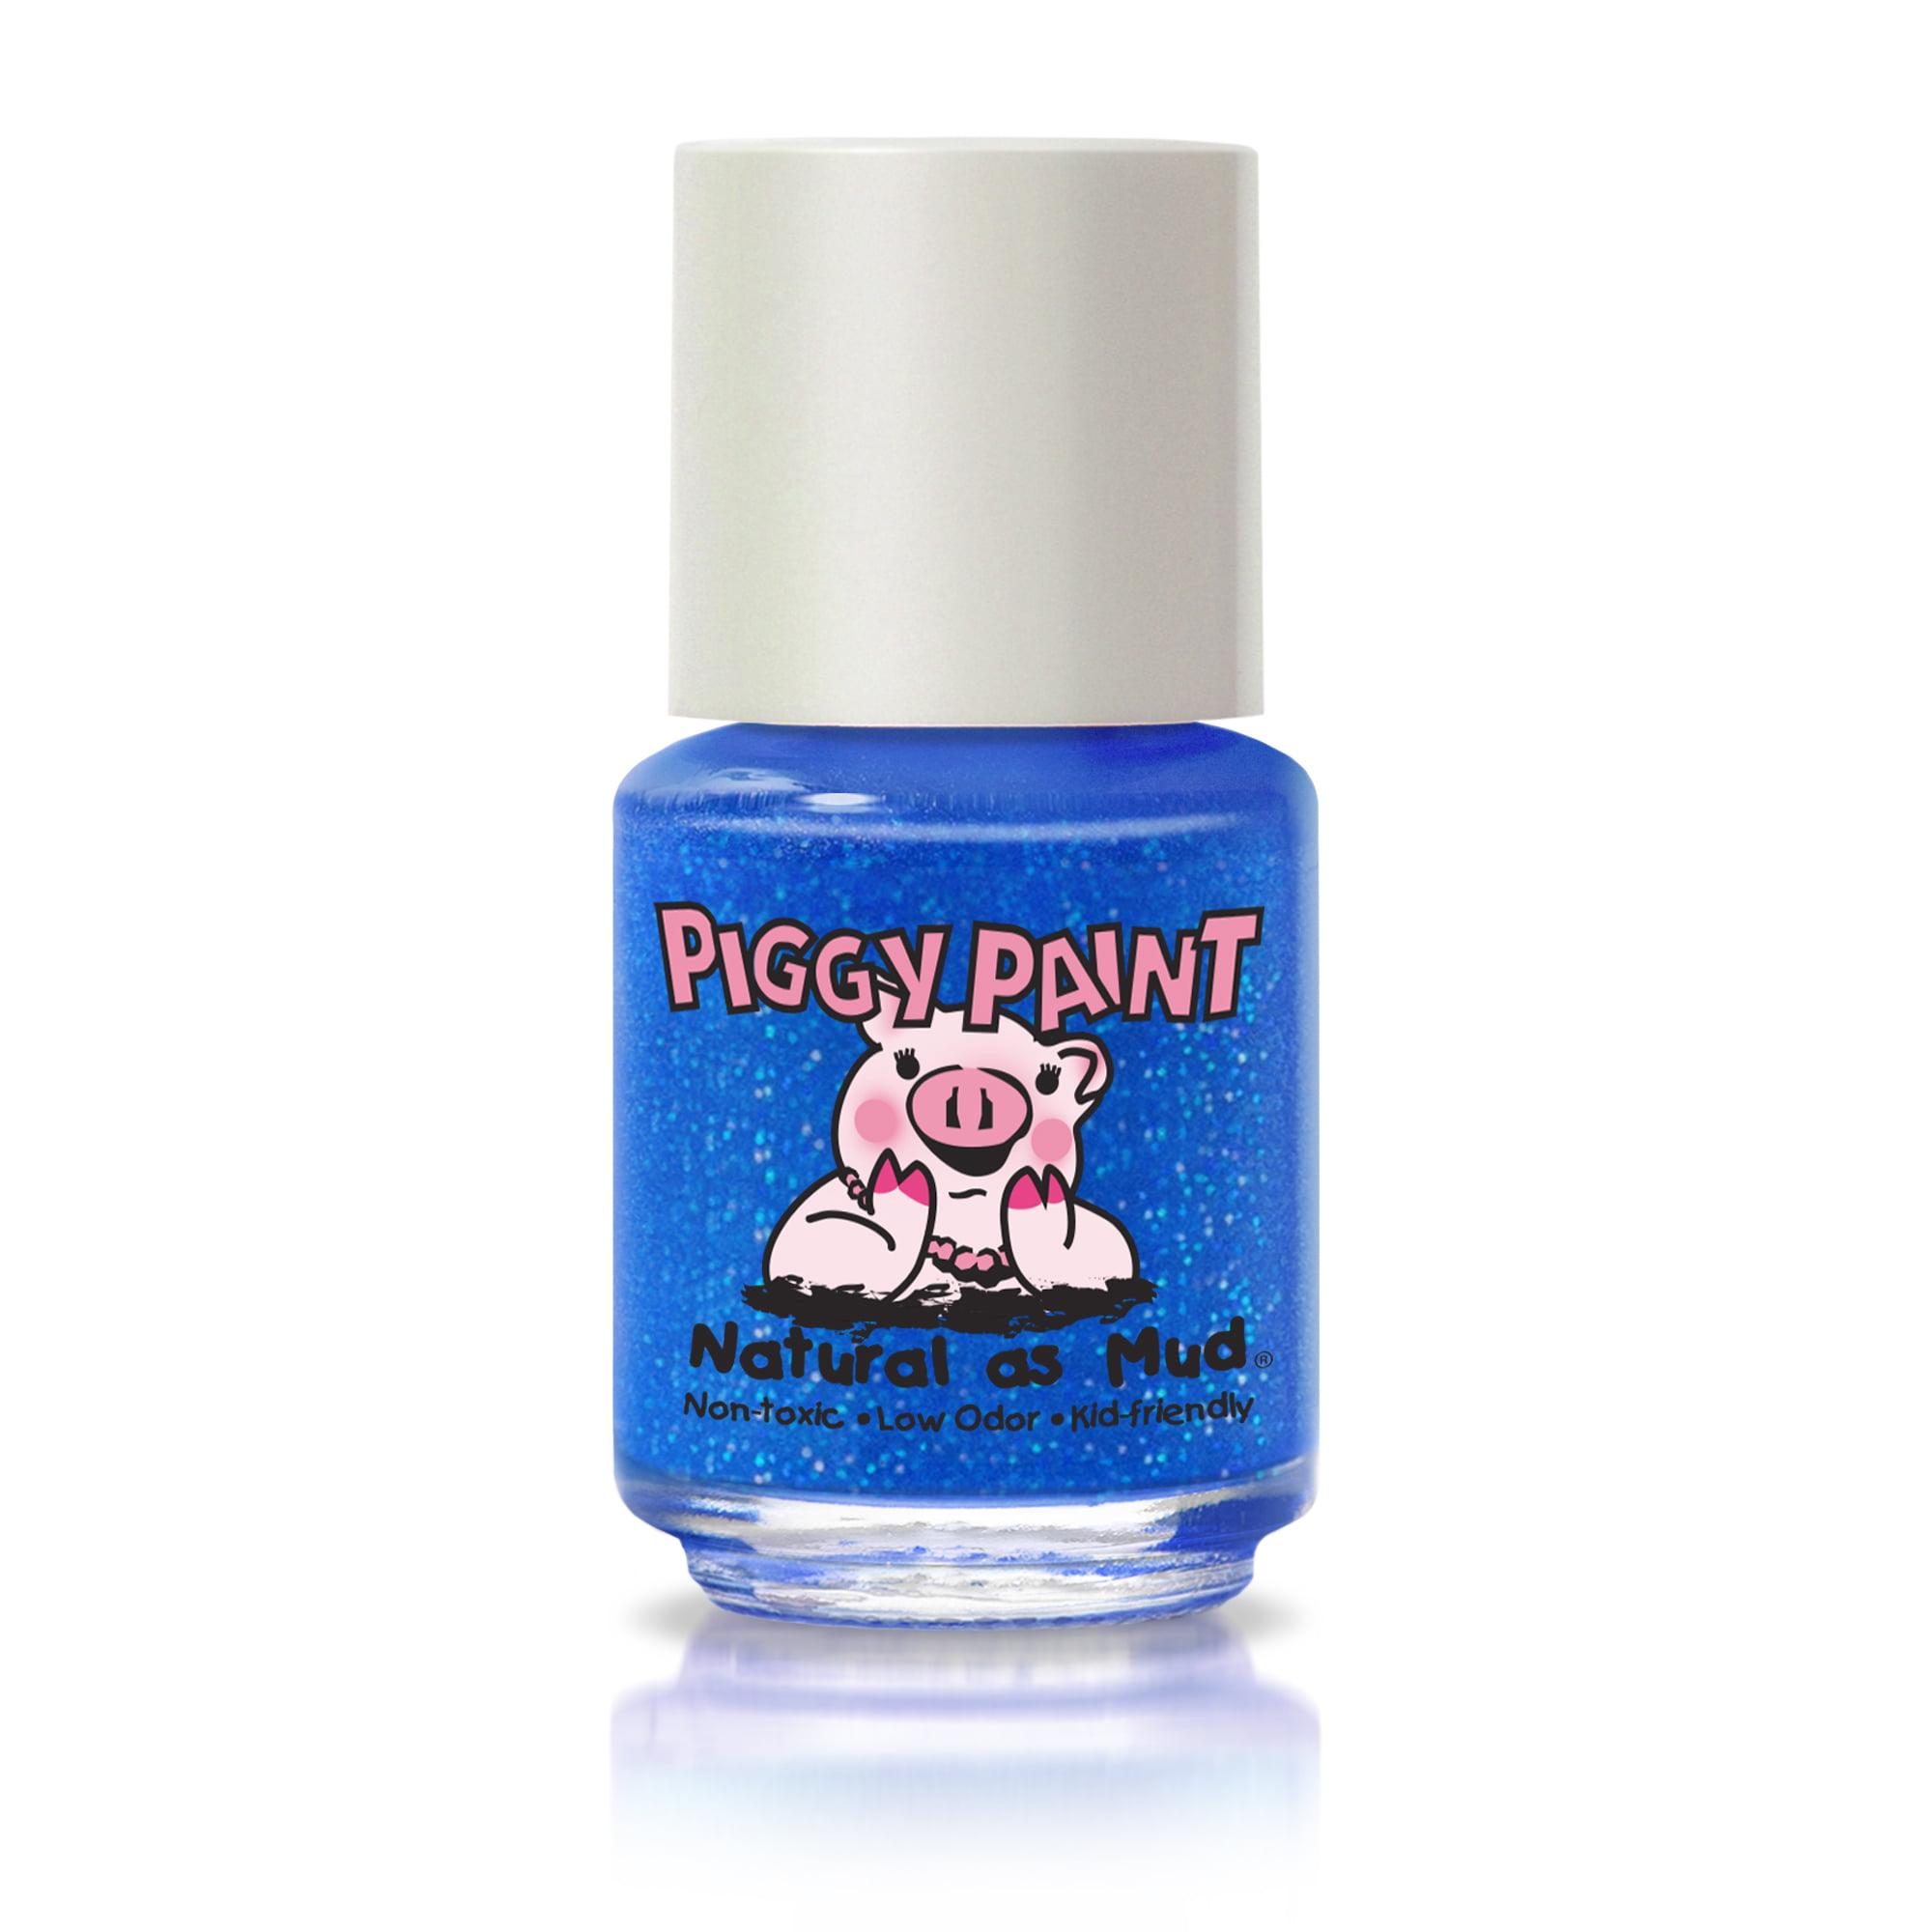 Piggy Paint Nail Polish, Brand Spank'N Blue, 0.25 fl oz